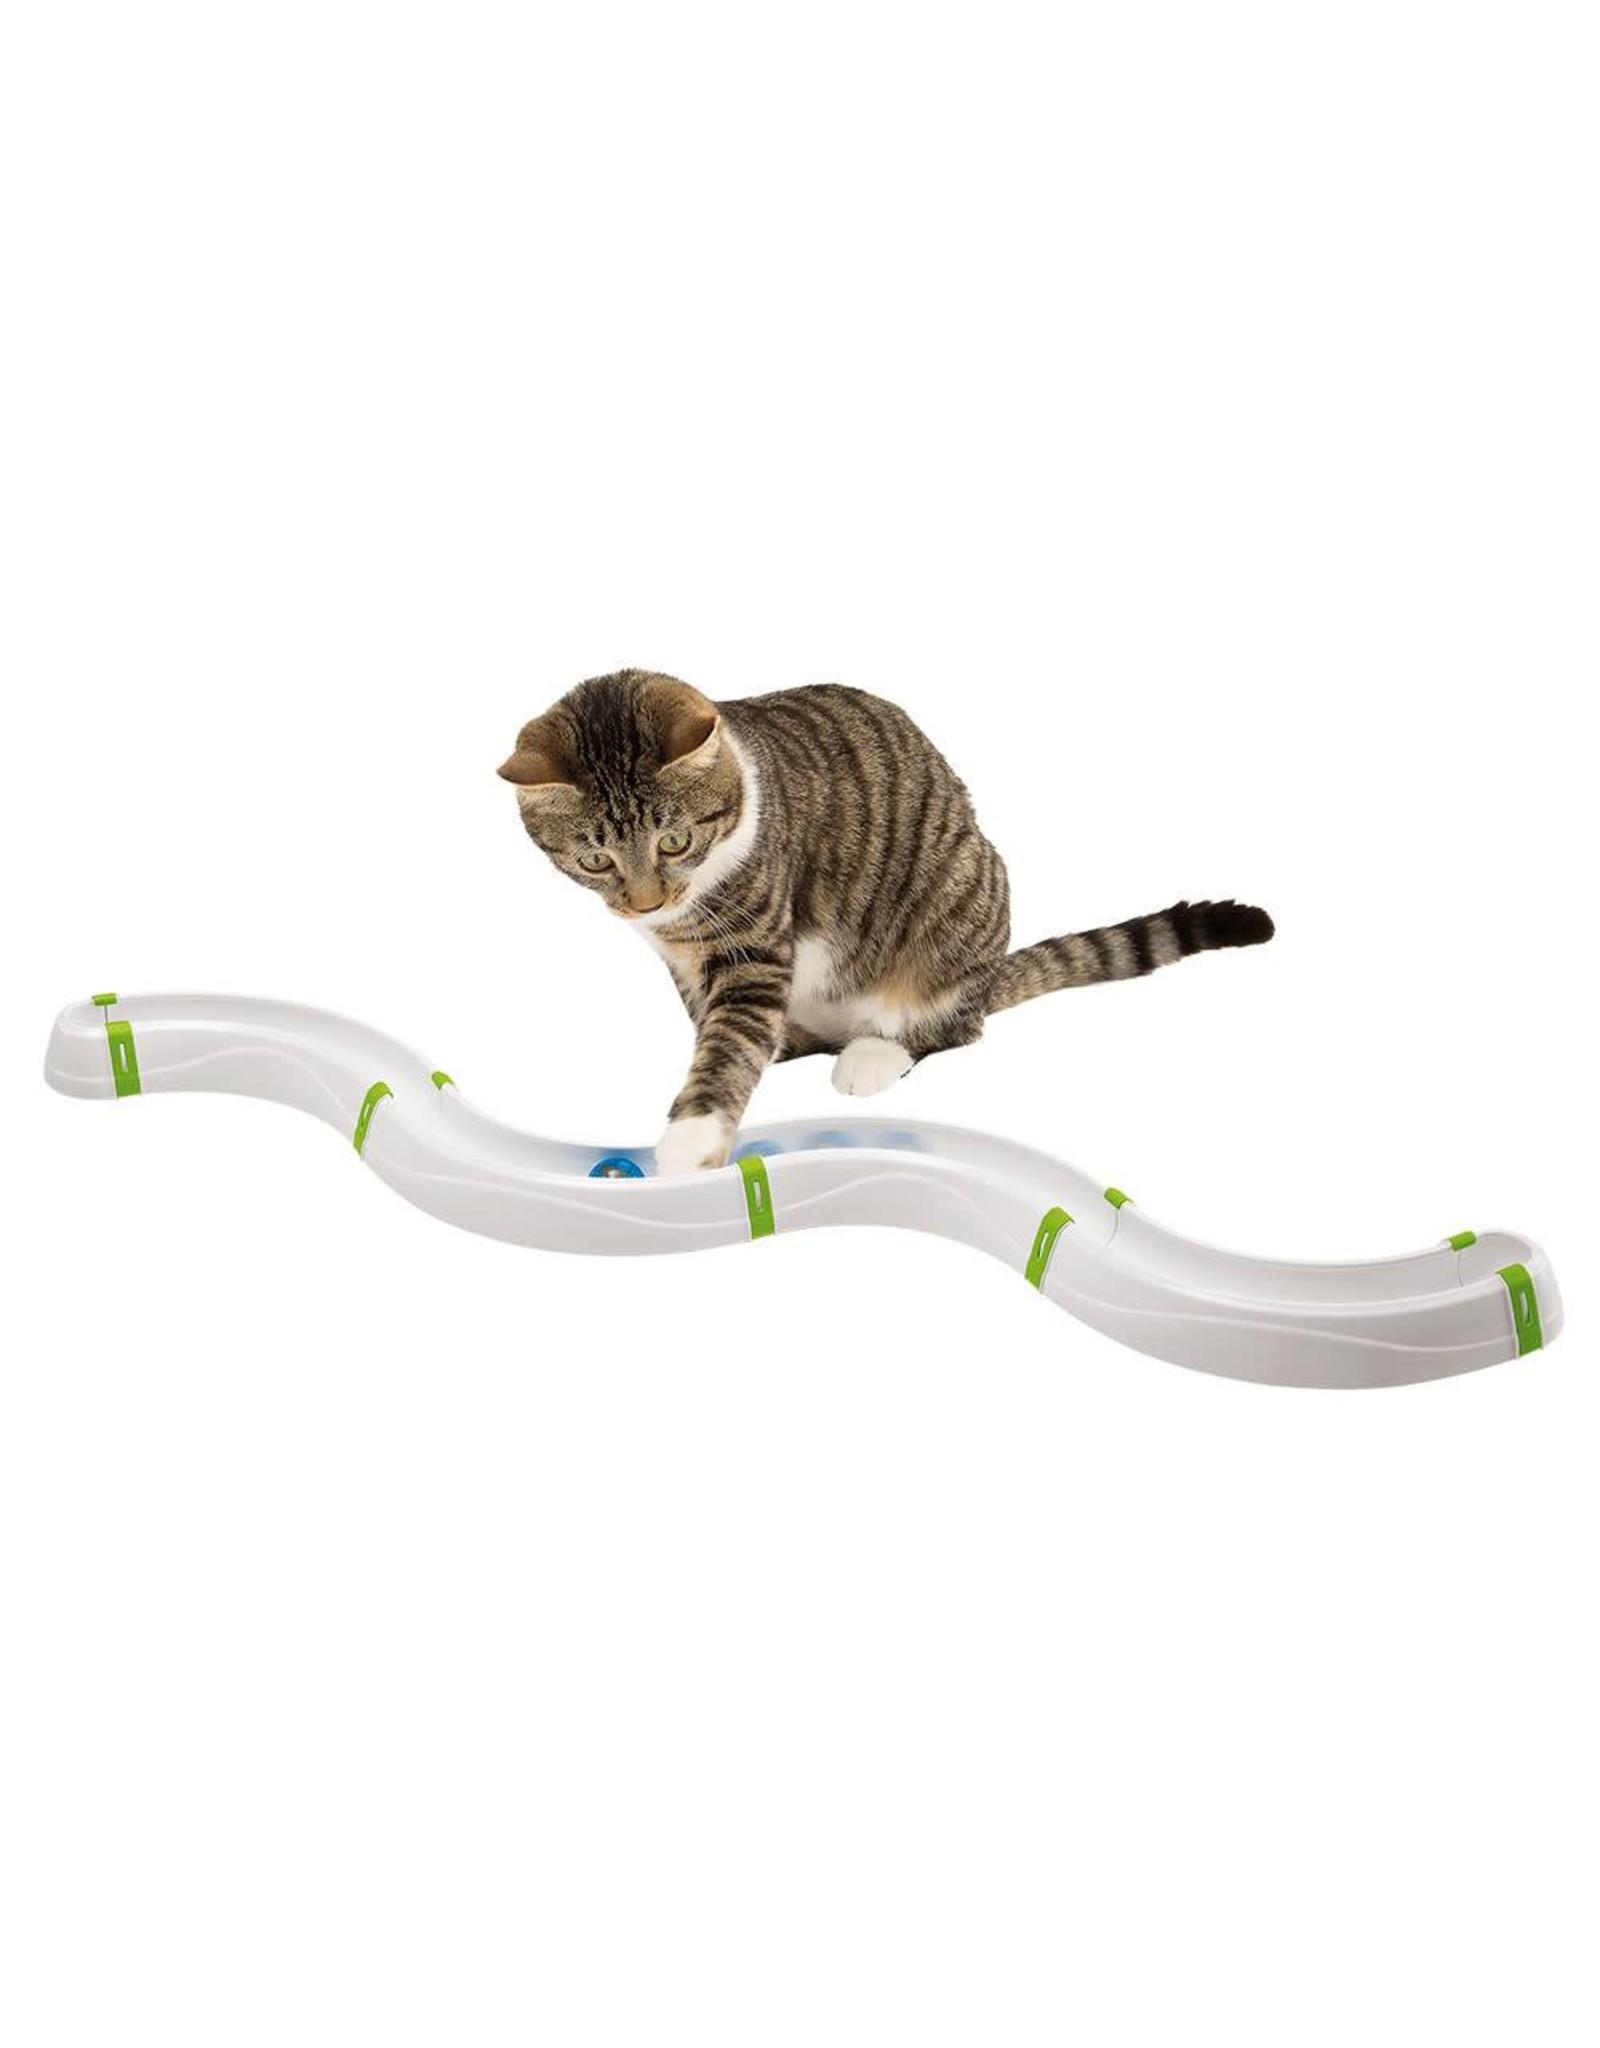 Ferplast Toboga Circuit Cat Toy